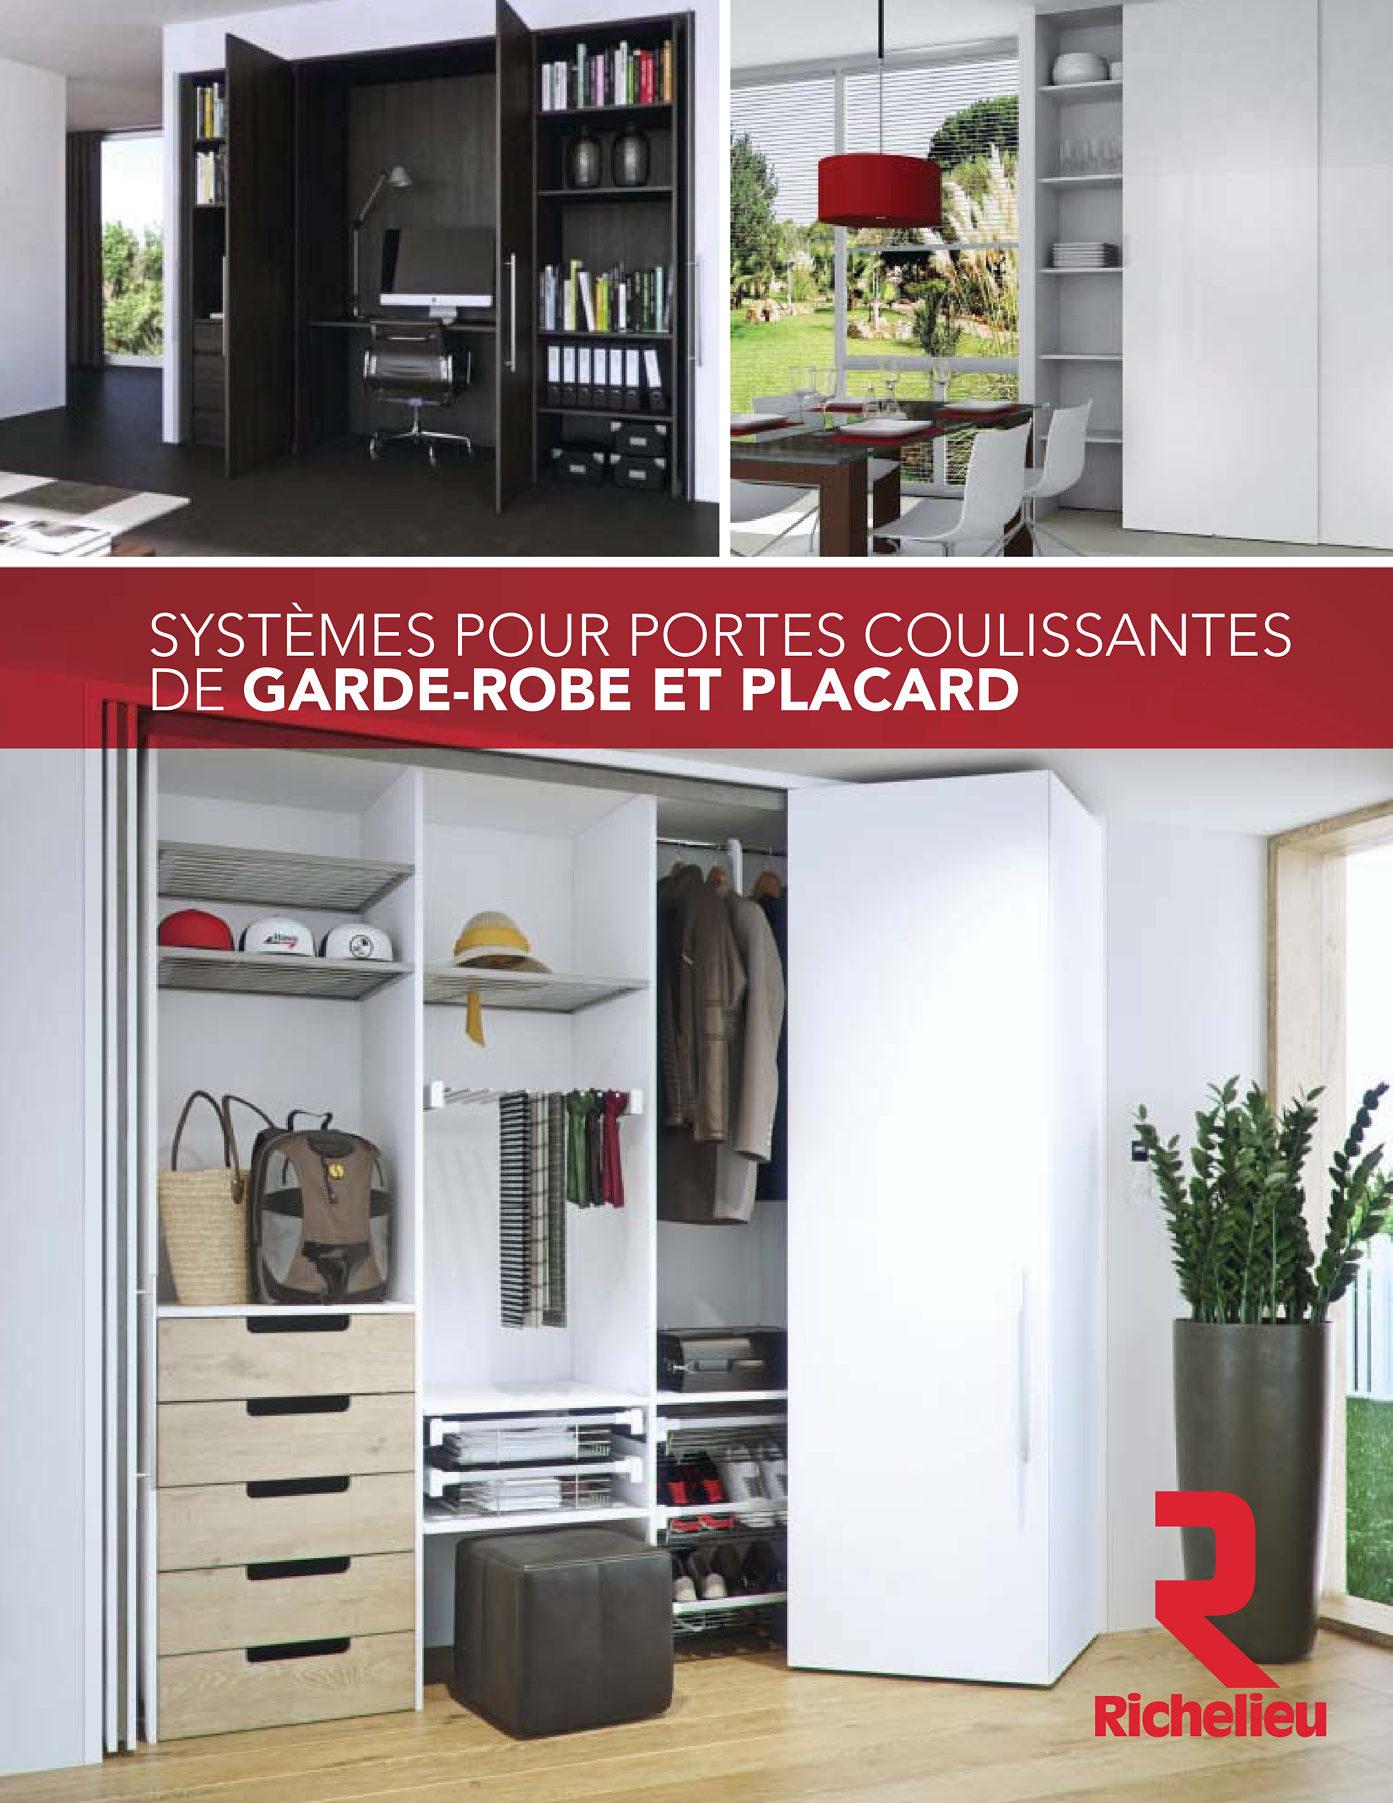 Librairie des catalogues richelieu syst mes pour portes - Garde robe porte coulissante belgique ...